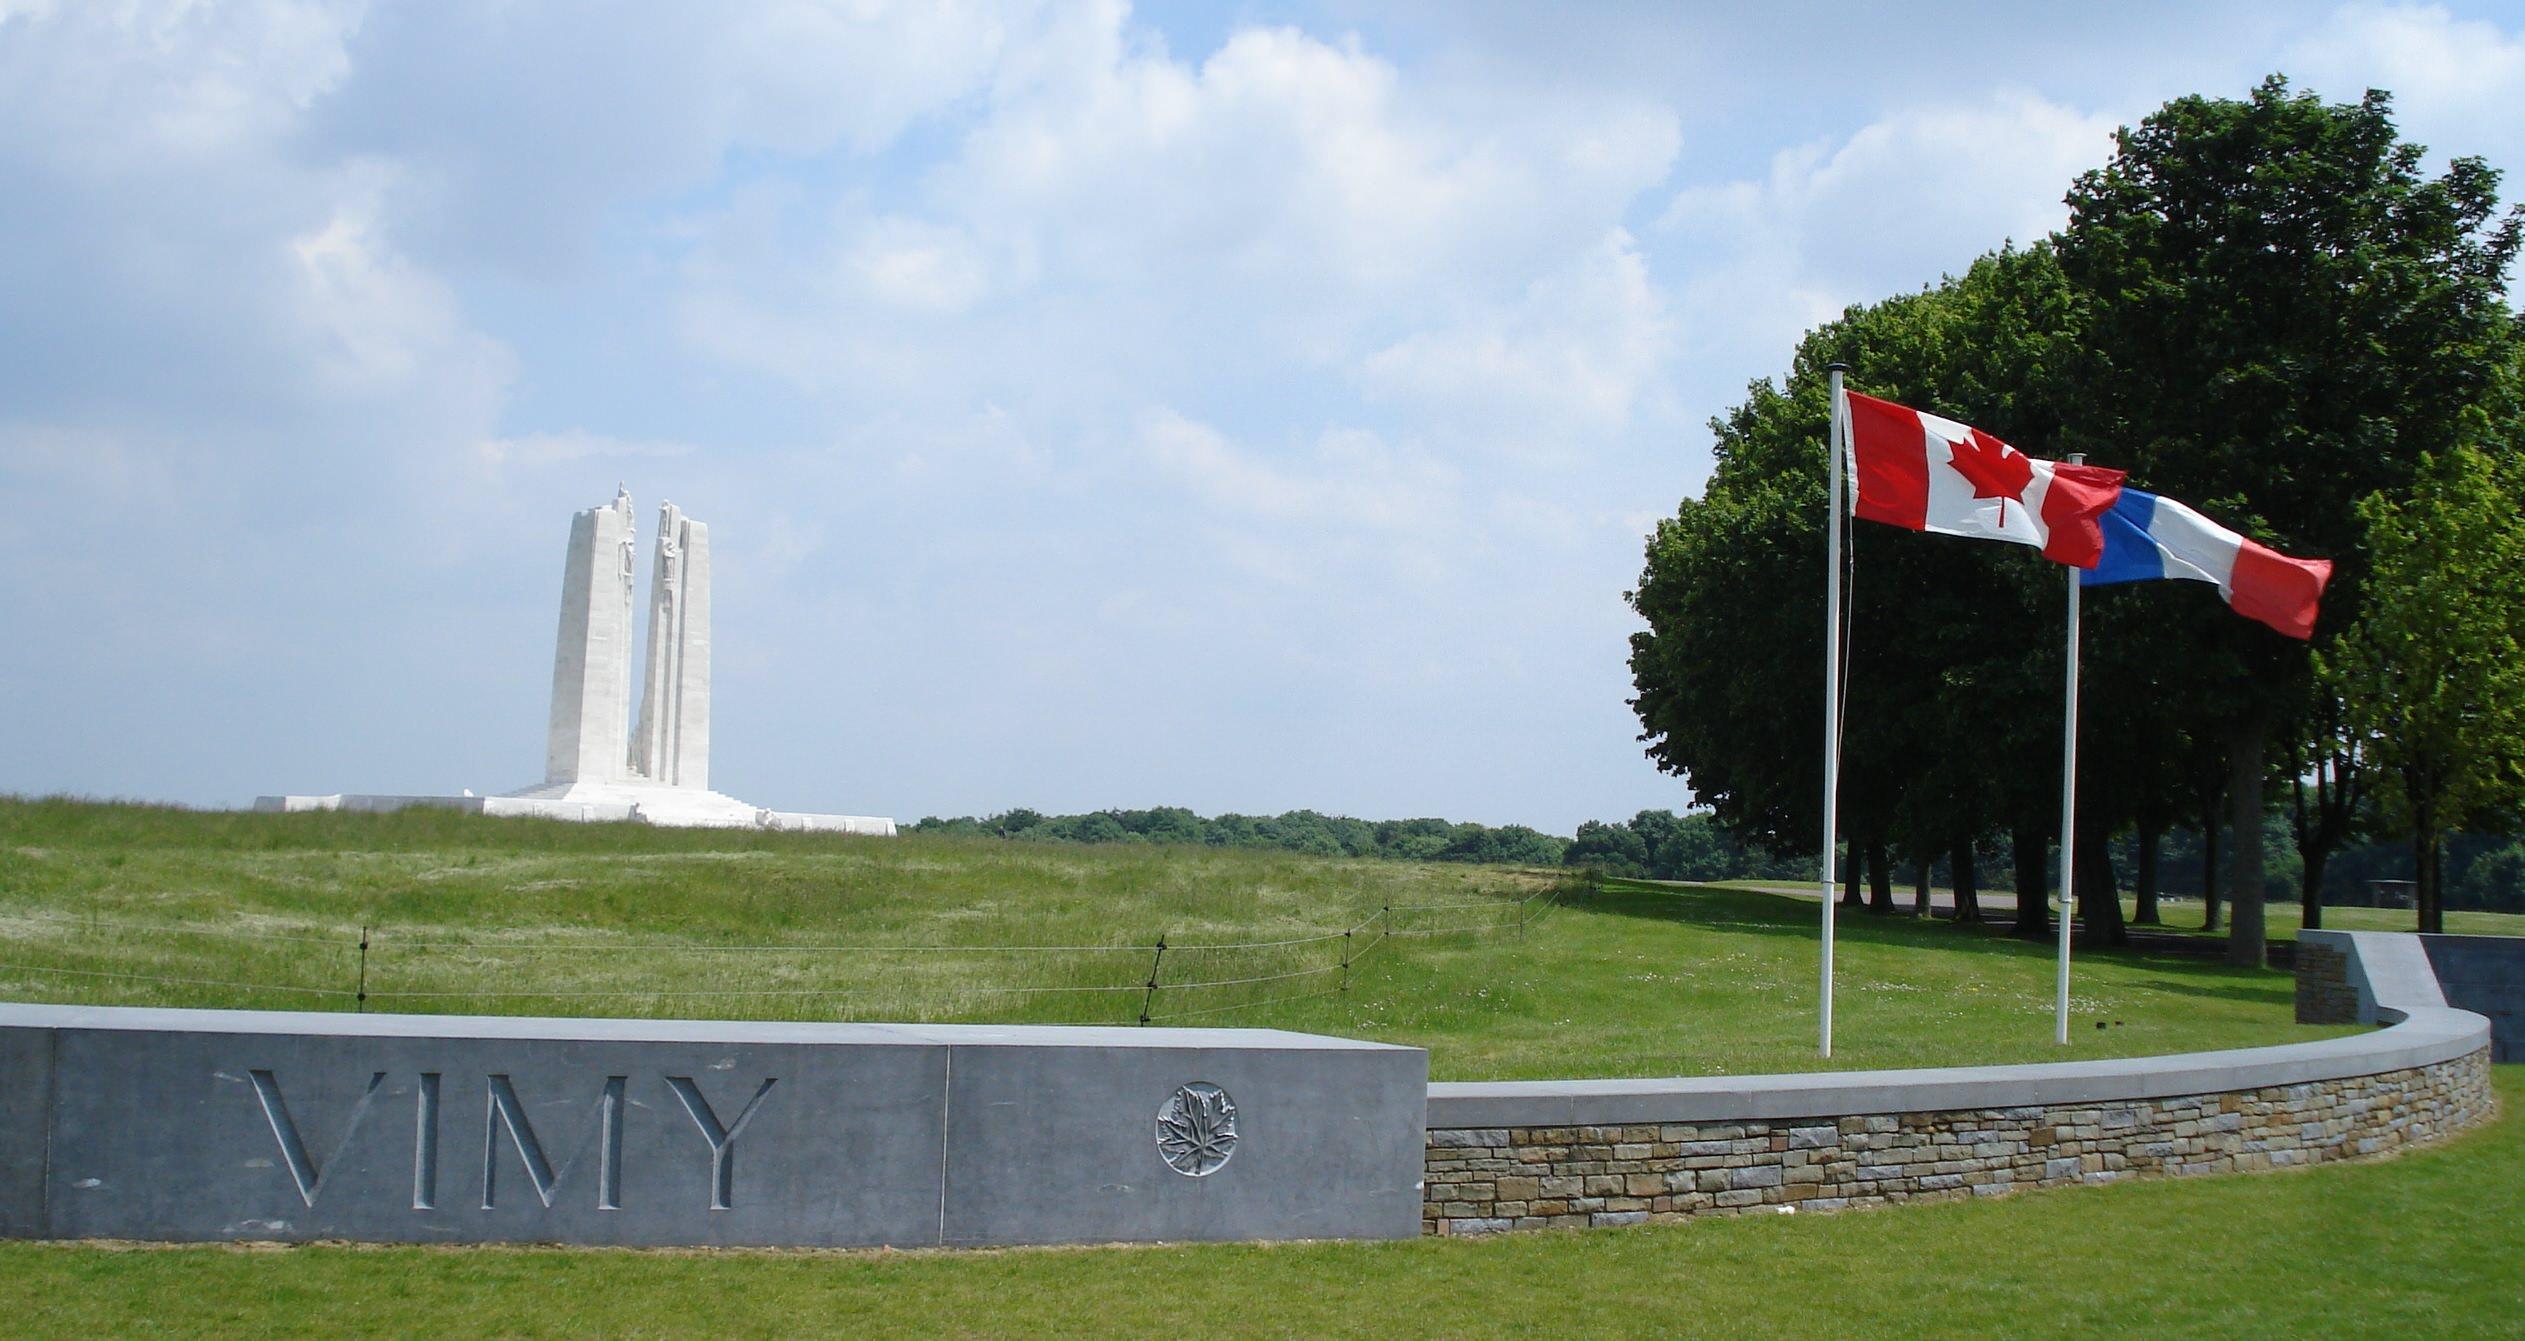 Vimy Memorial– Vimy War Memorial